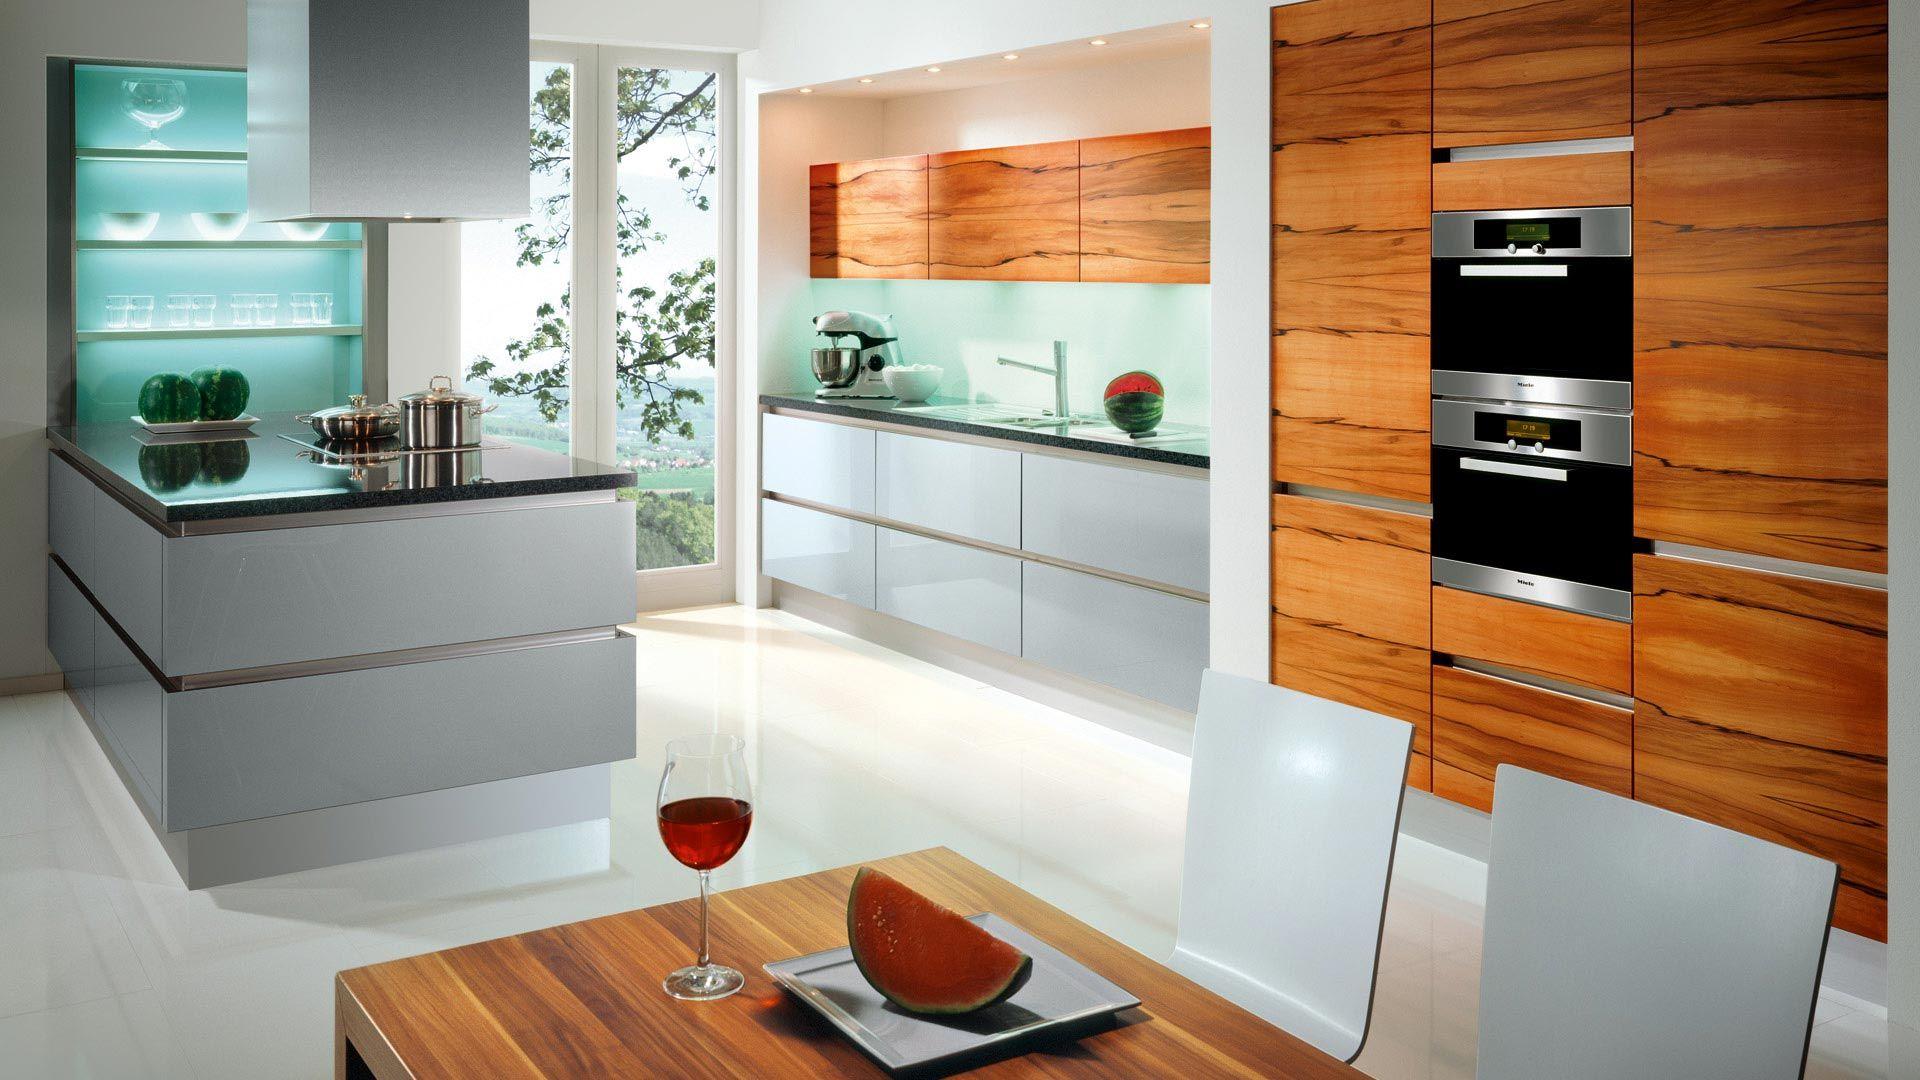 Sachsen Küchen sachsenküchen küchenauswahl keuken